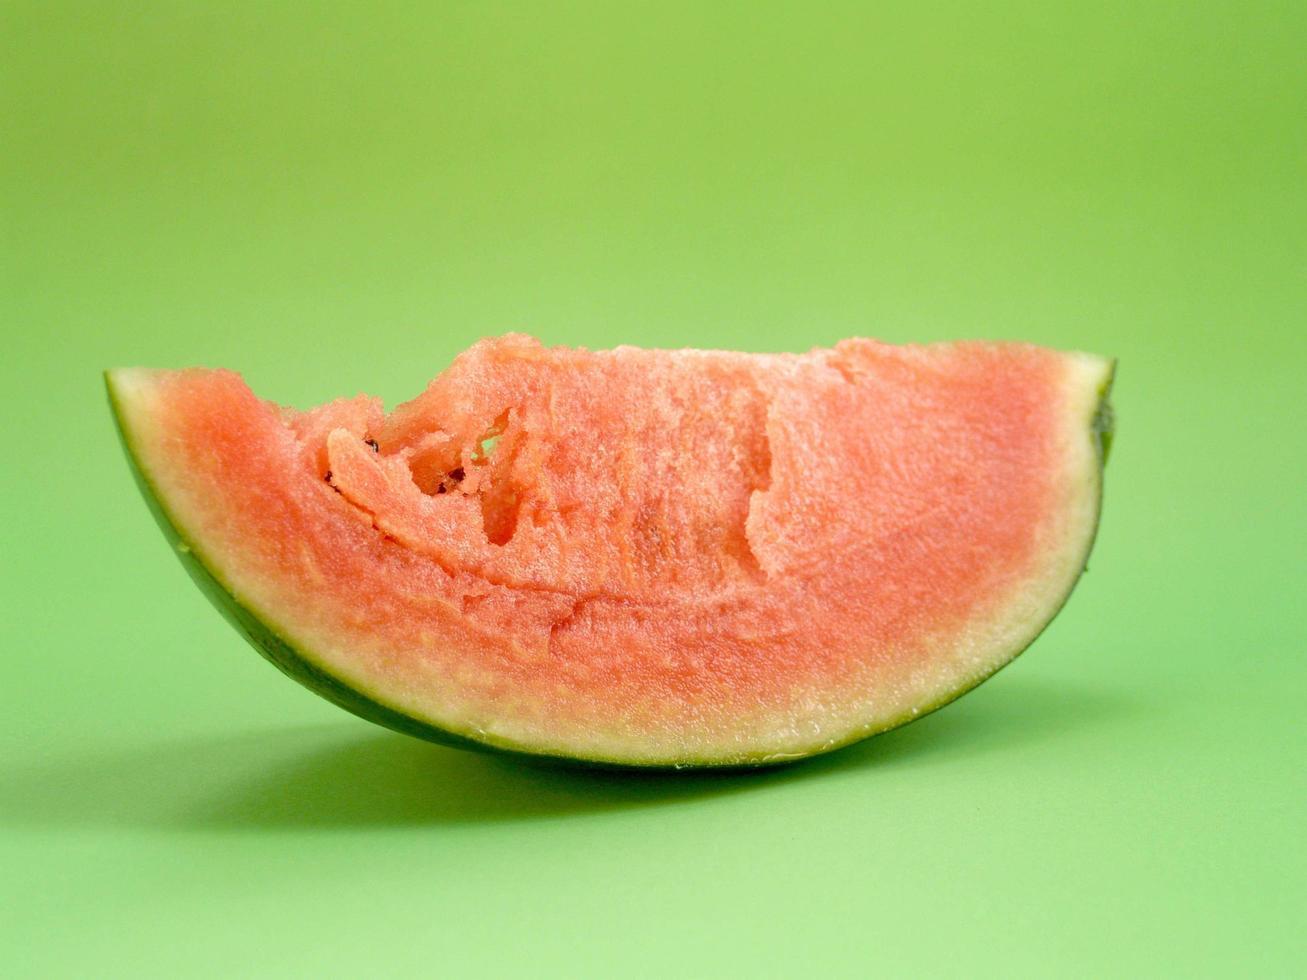 Wassermelonenscheibe auf grünem Hintergrund foto